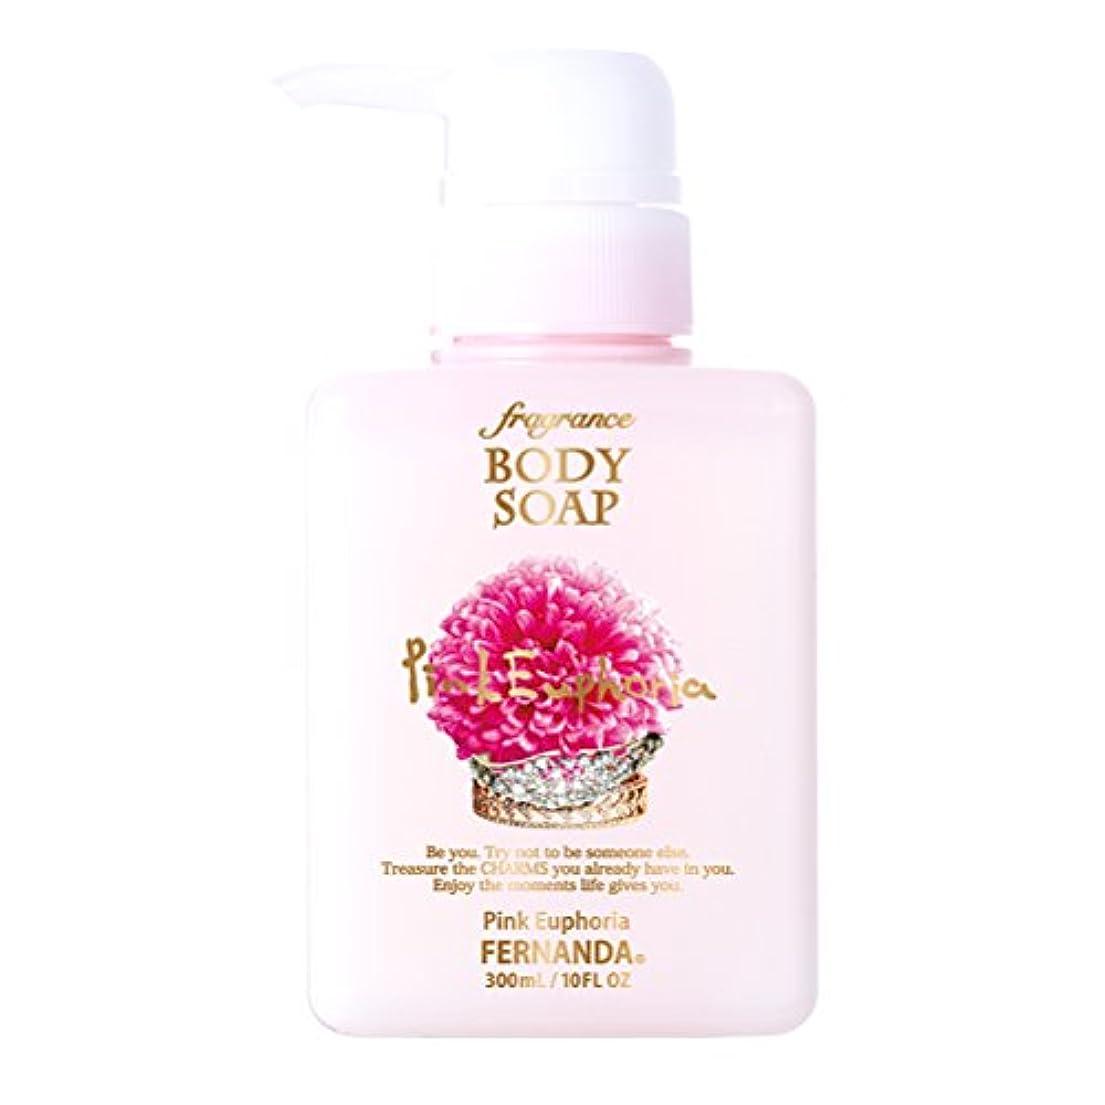 確認する情報芸術的FERNANDA(フェルナンダ) Fragrance Body Soap Pink Euphoria (ボディソープ ピンクエウフォリア)